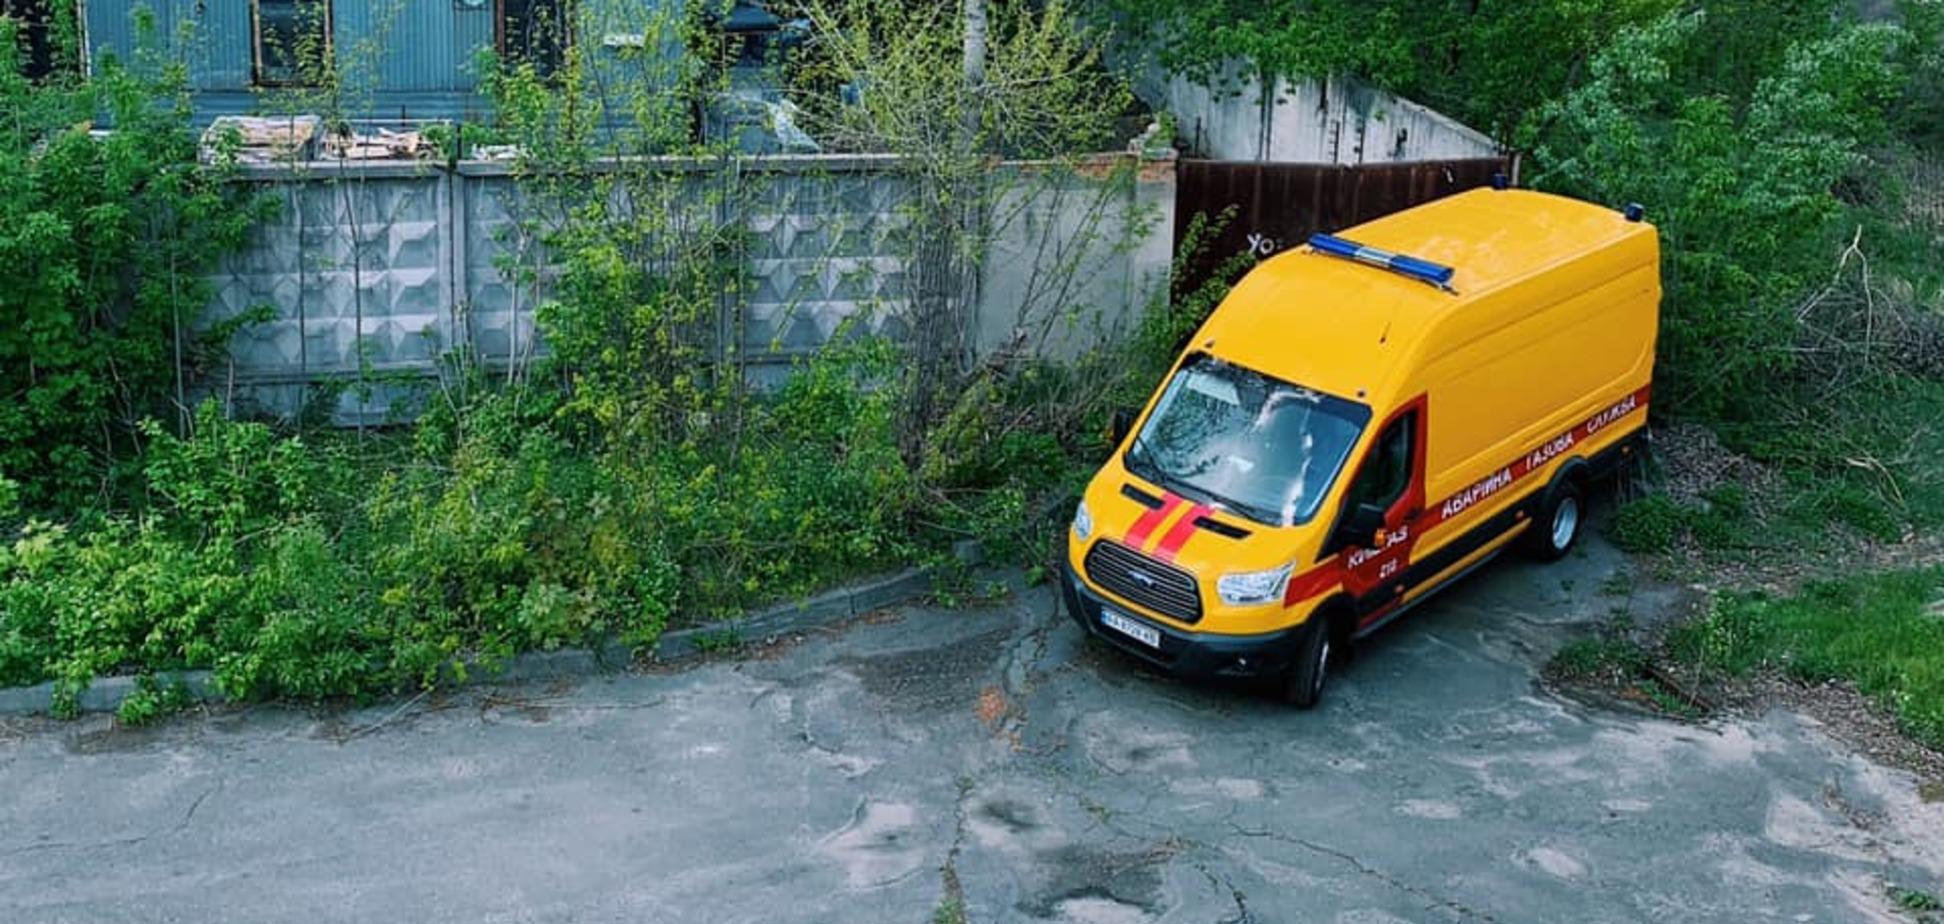 В Киеве возле главного газорегуляторного пункта обнаружили мины